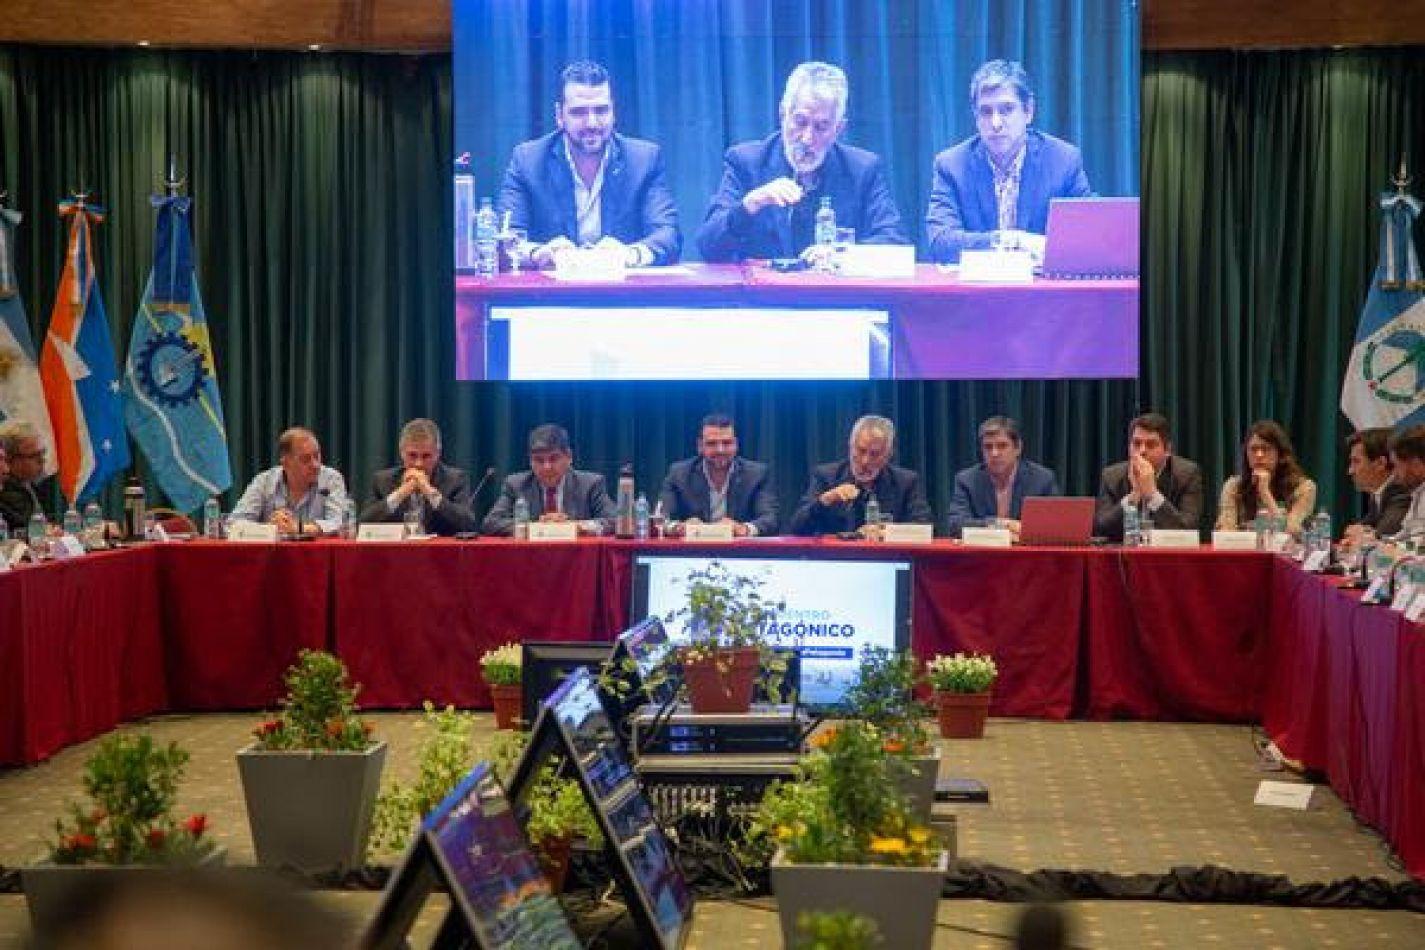 4º Encuentro Patagónico en Ushuaia